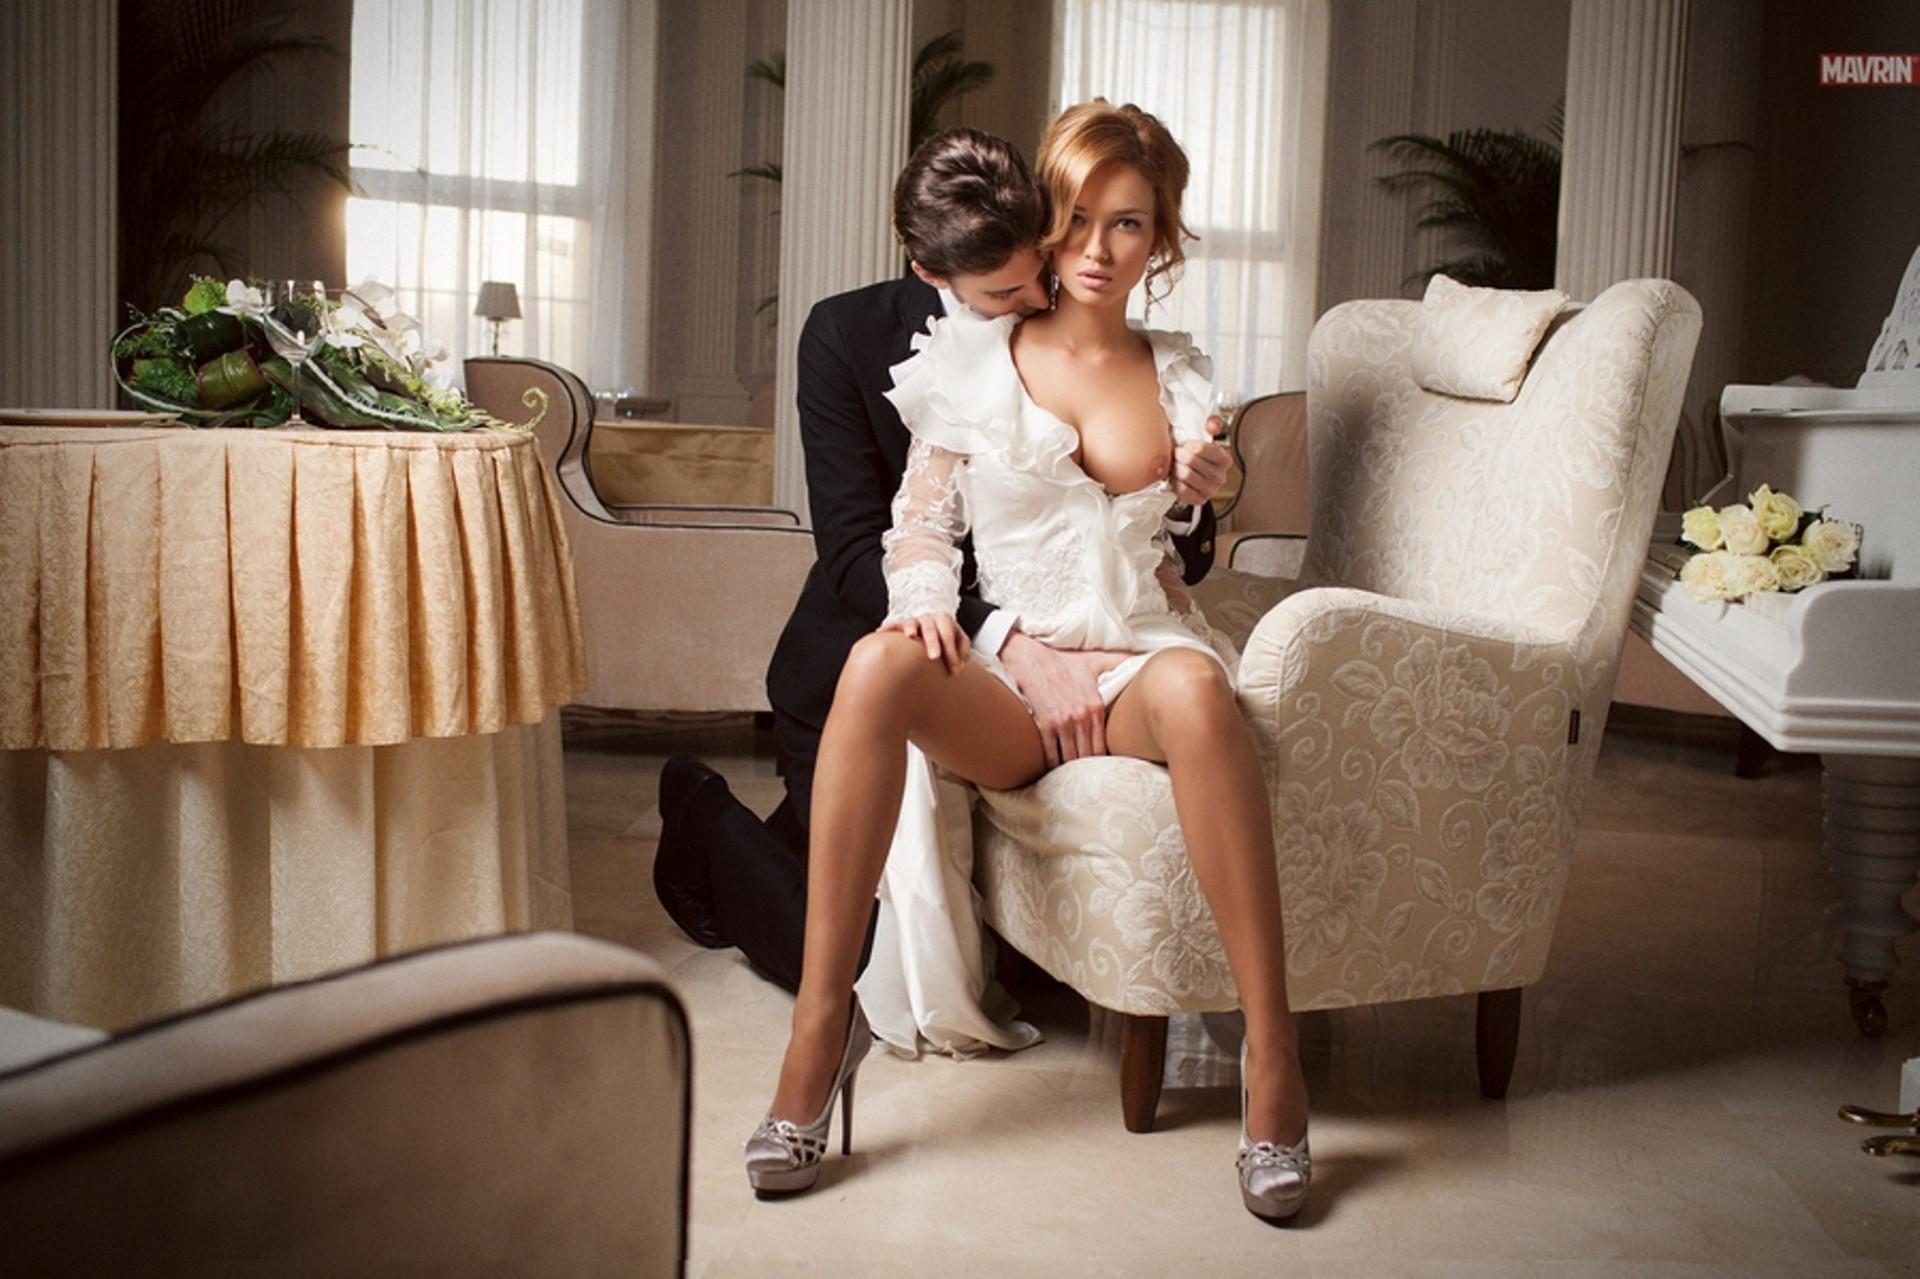 otkrovennoe-soblaznenie-hudozhestvennoe-video-smotret-porno-molodozhenov-svadebnoe-russkoe